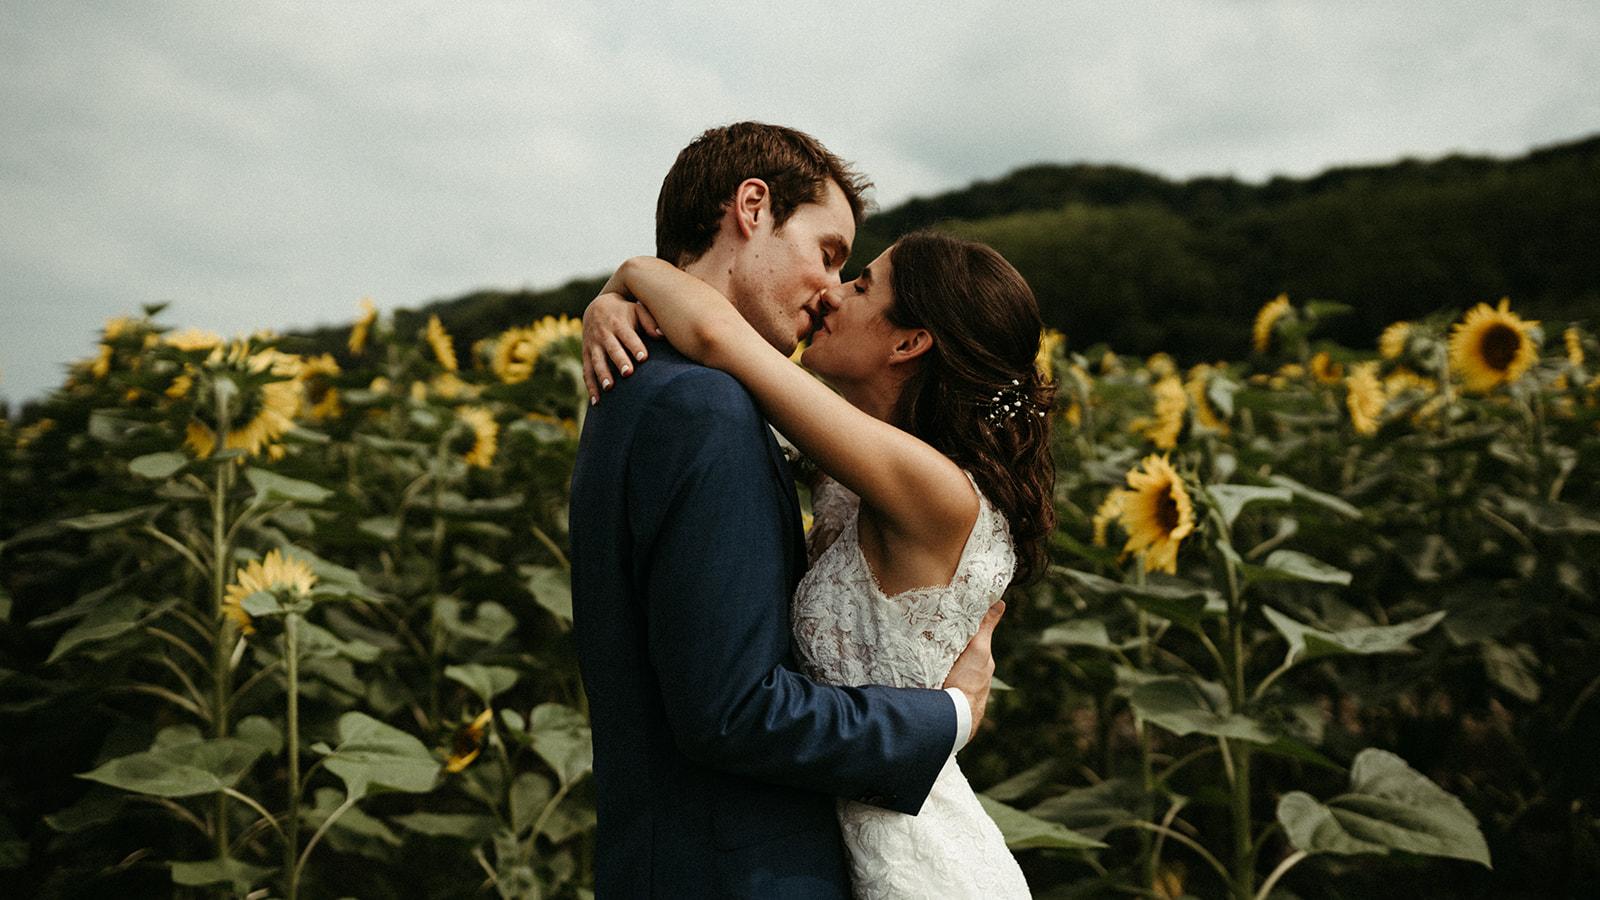 Cécile et Guillaume mariage-335_websize.jpg